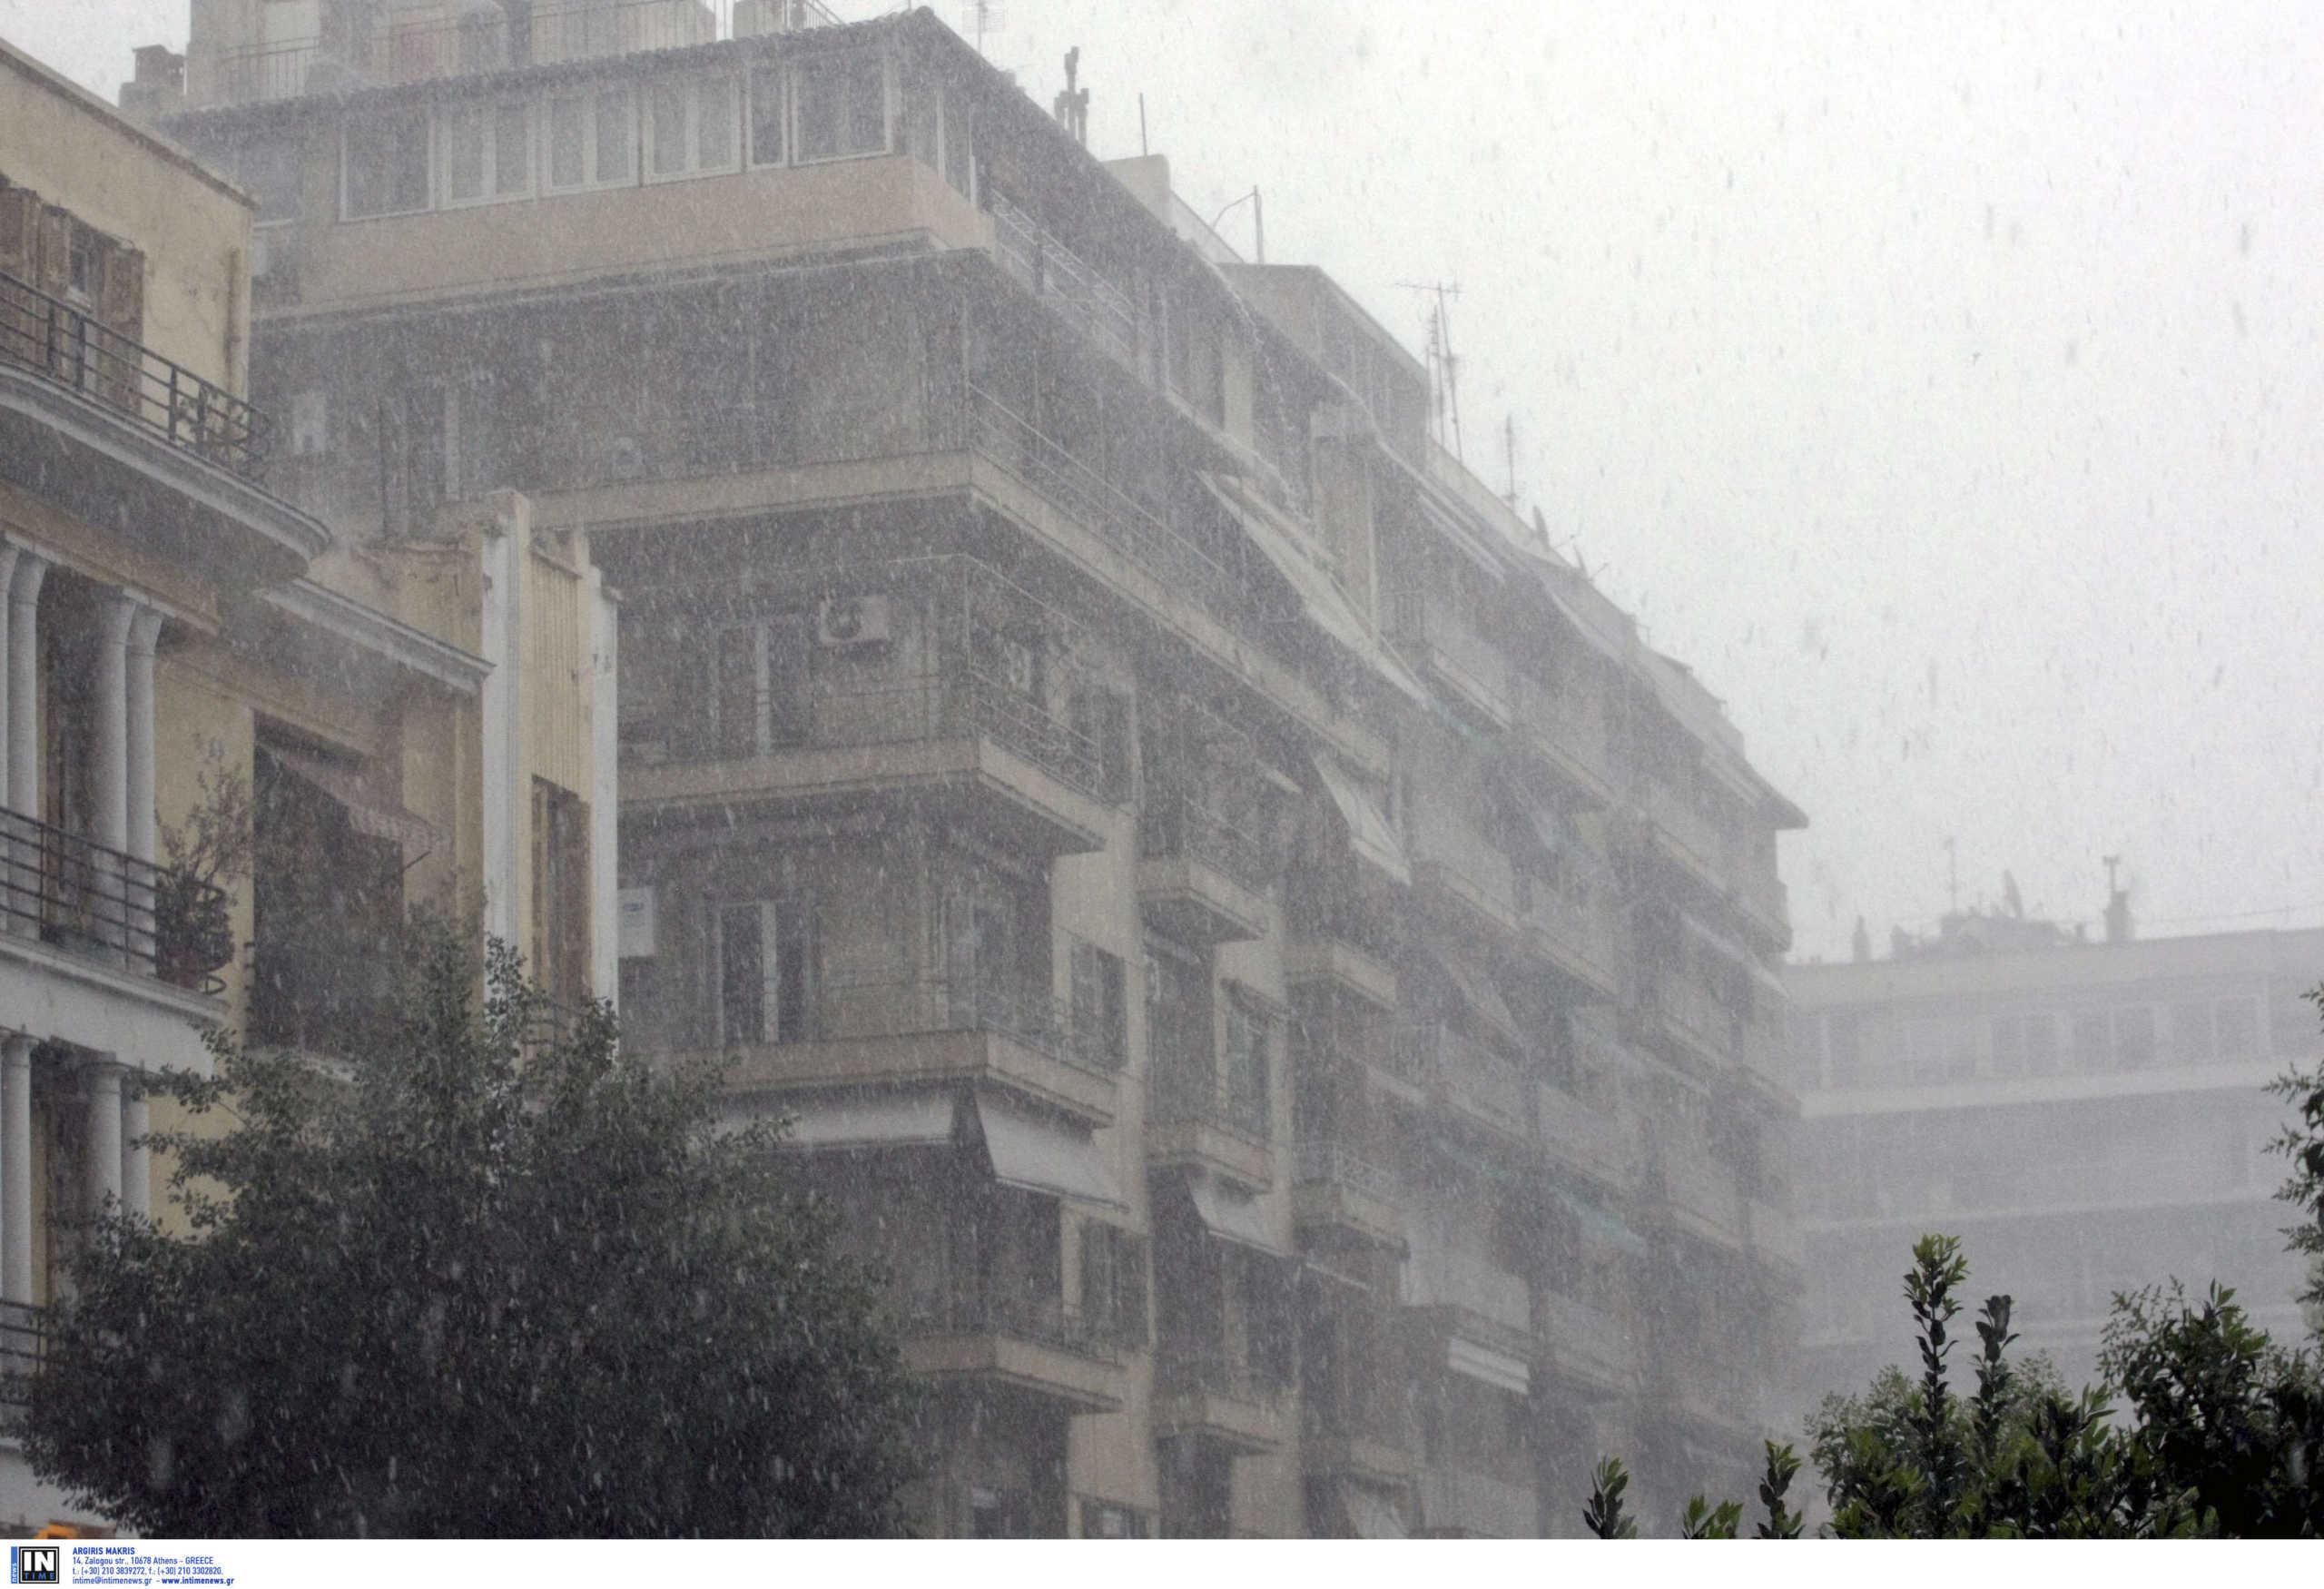 Καιρός: Άνοιξαν οι ουρανοί στη Θεσσαλονίκη! Έρχεται κακοκαιρία στο μεγαλύτερο μέρος της χώρας (Βίντεο)